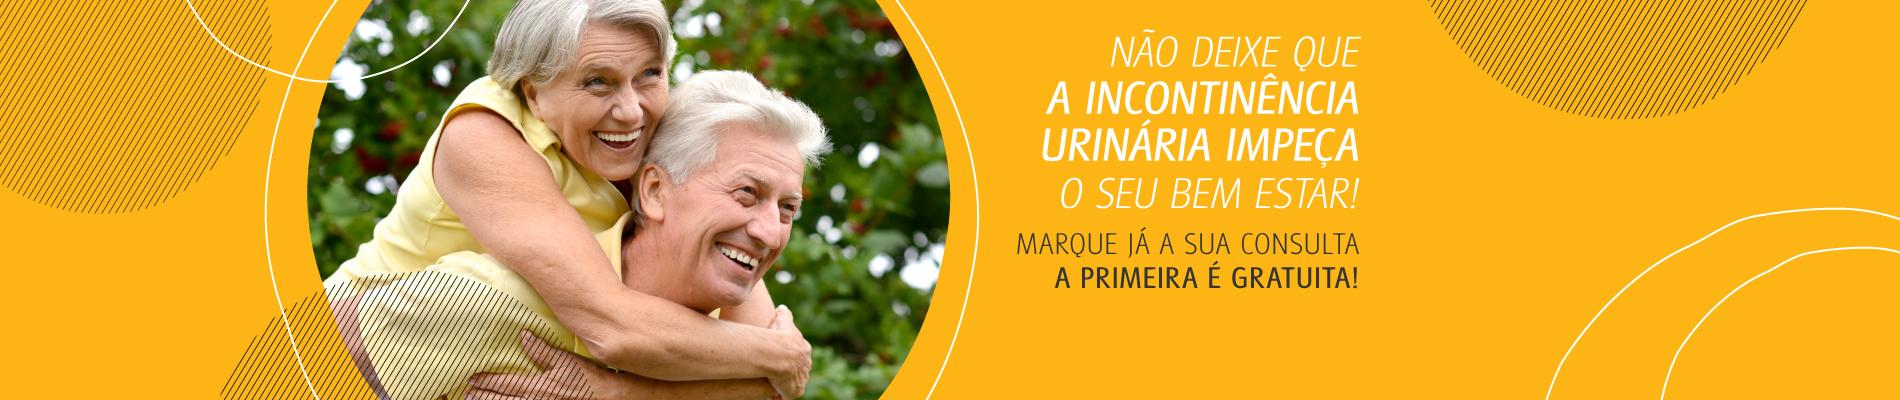 ES-campanha-incontinencia-urinária-BANNER